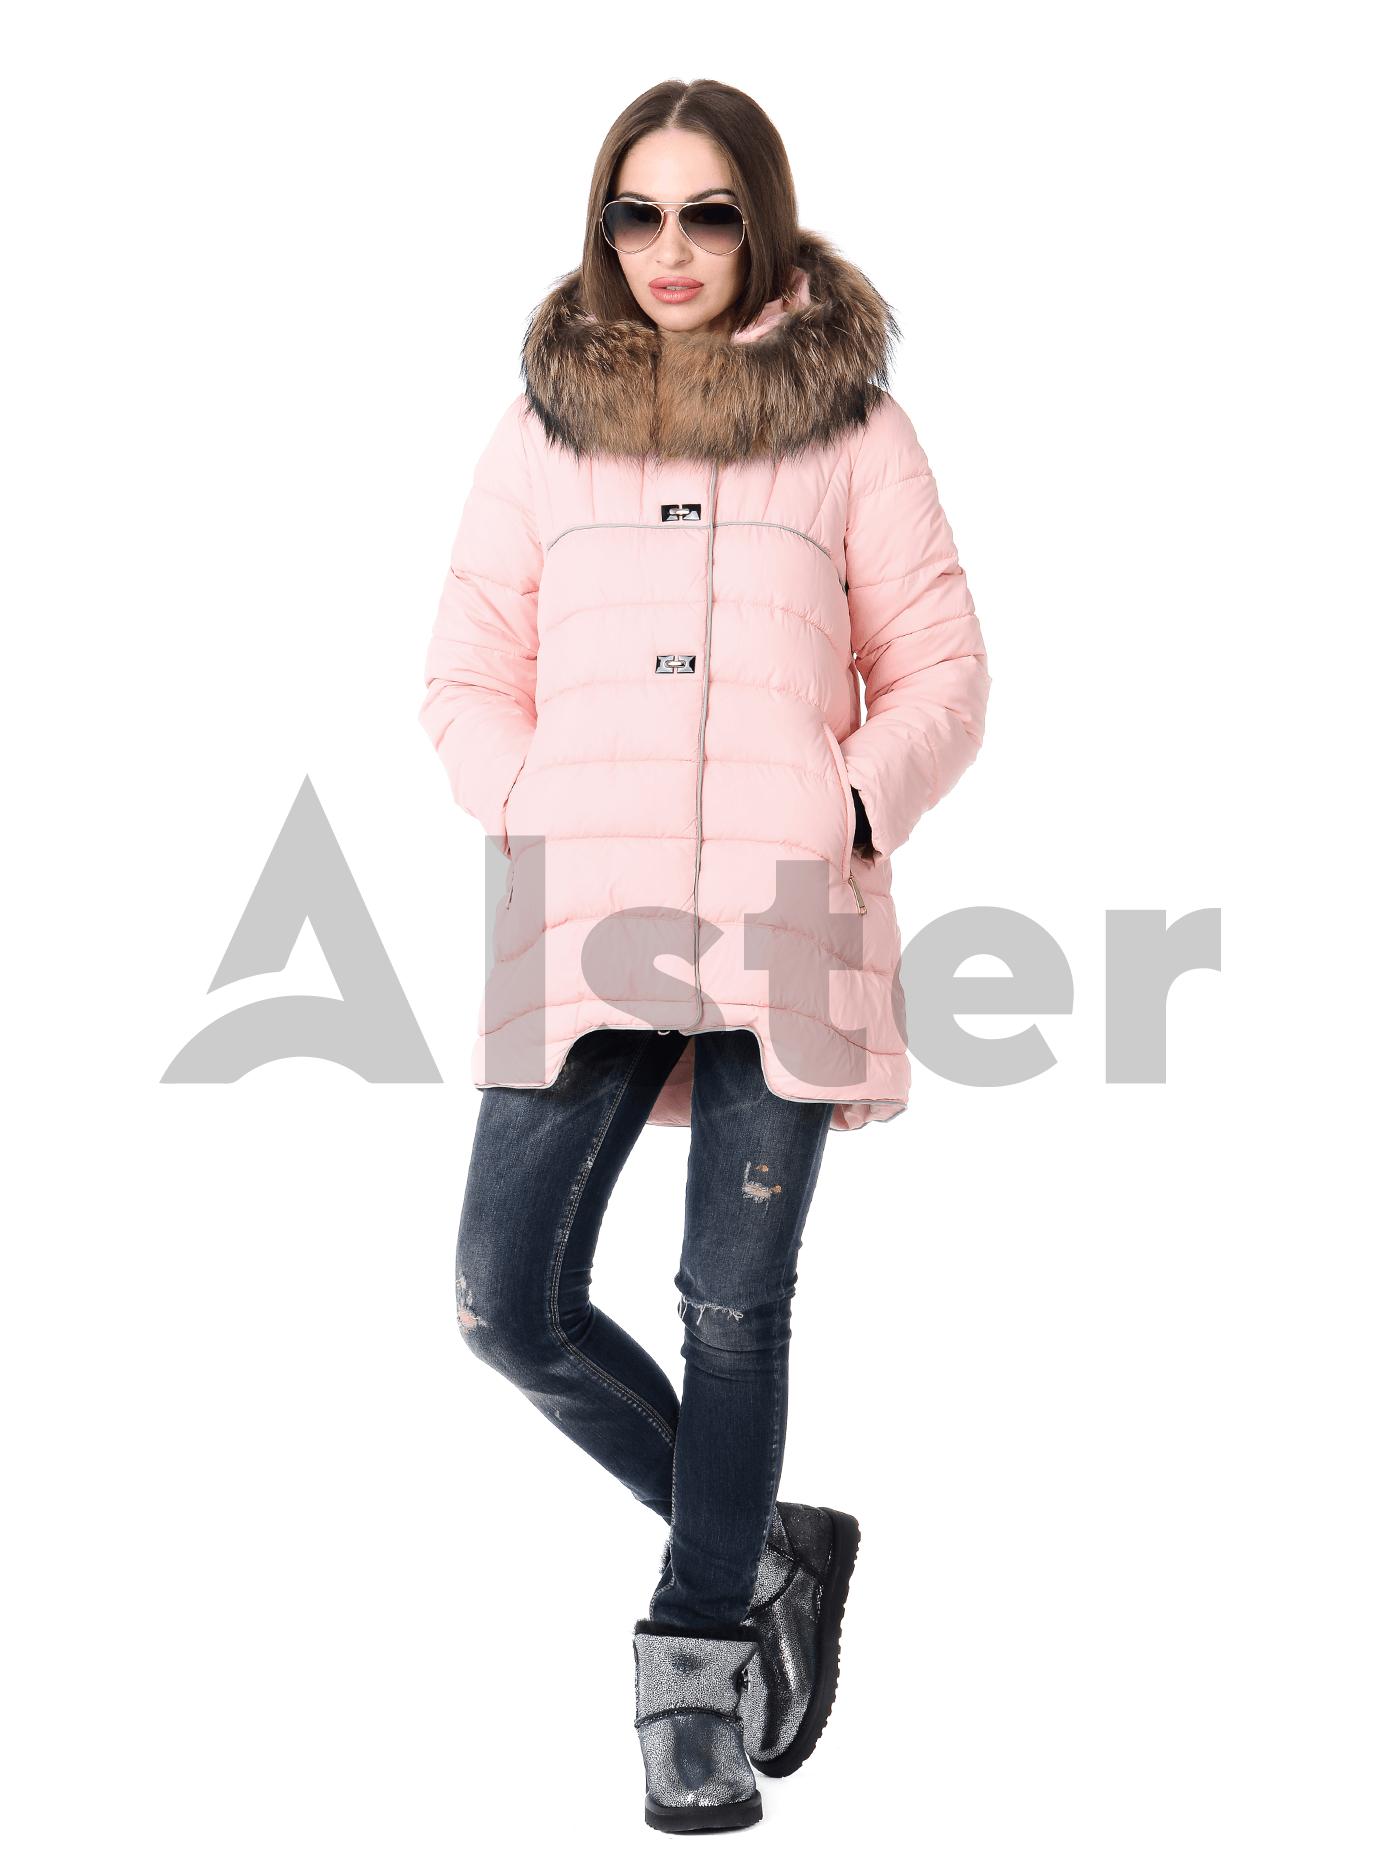 Куртка зимняя средней длины с натуральным мехом Жёлтый S (01-RR16024): фото - Alster.ua